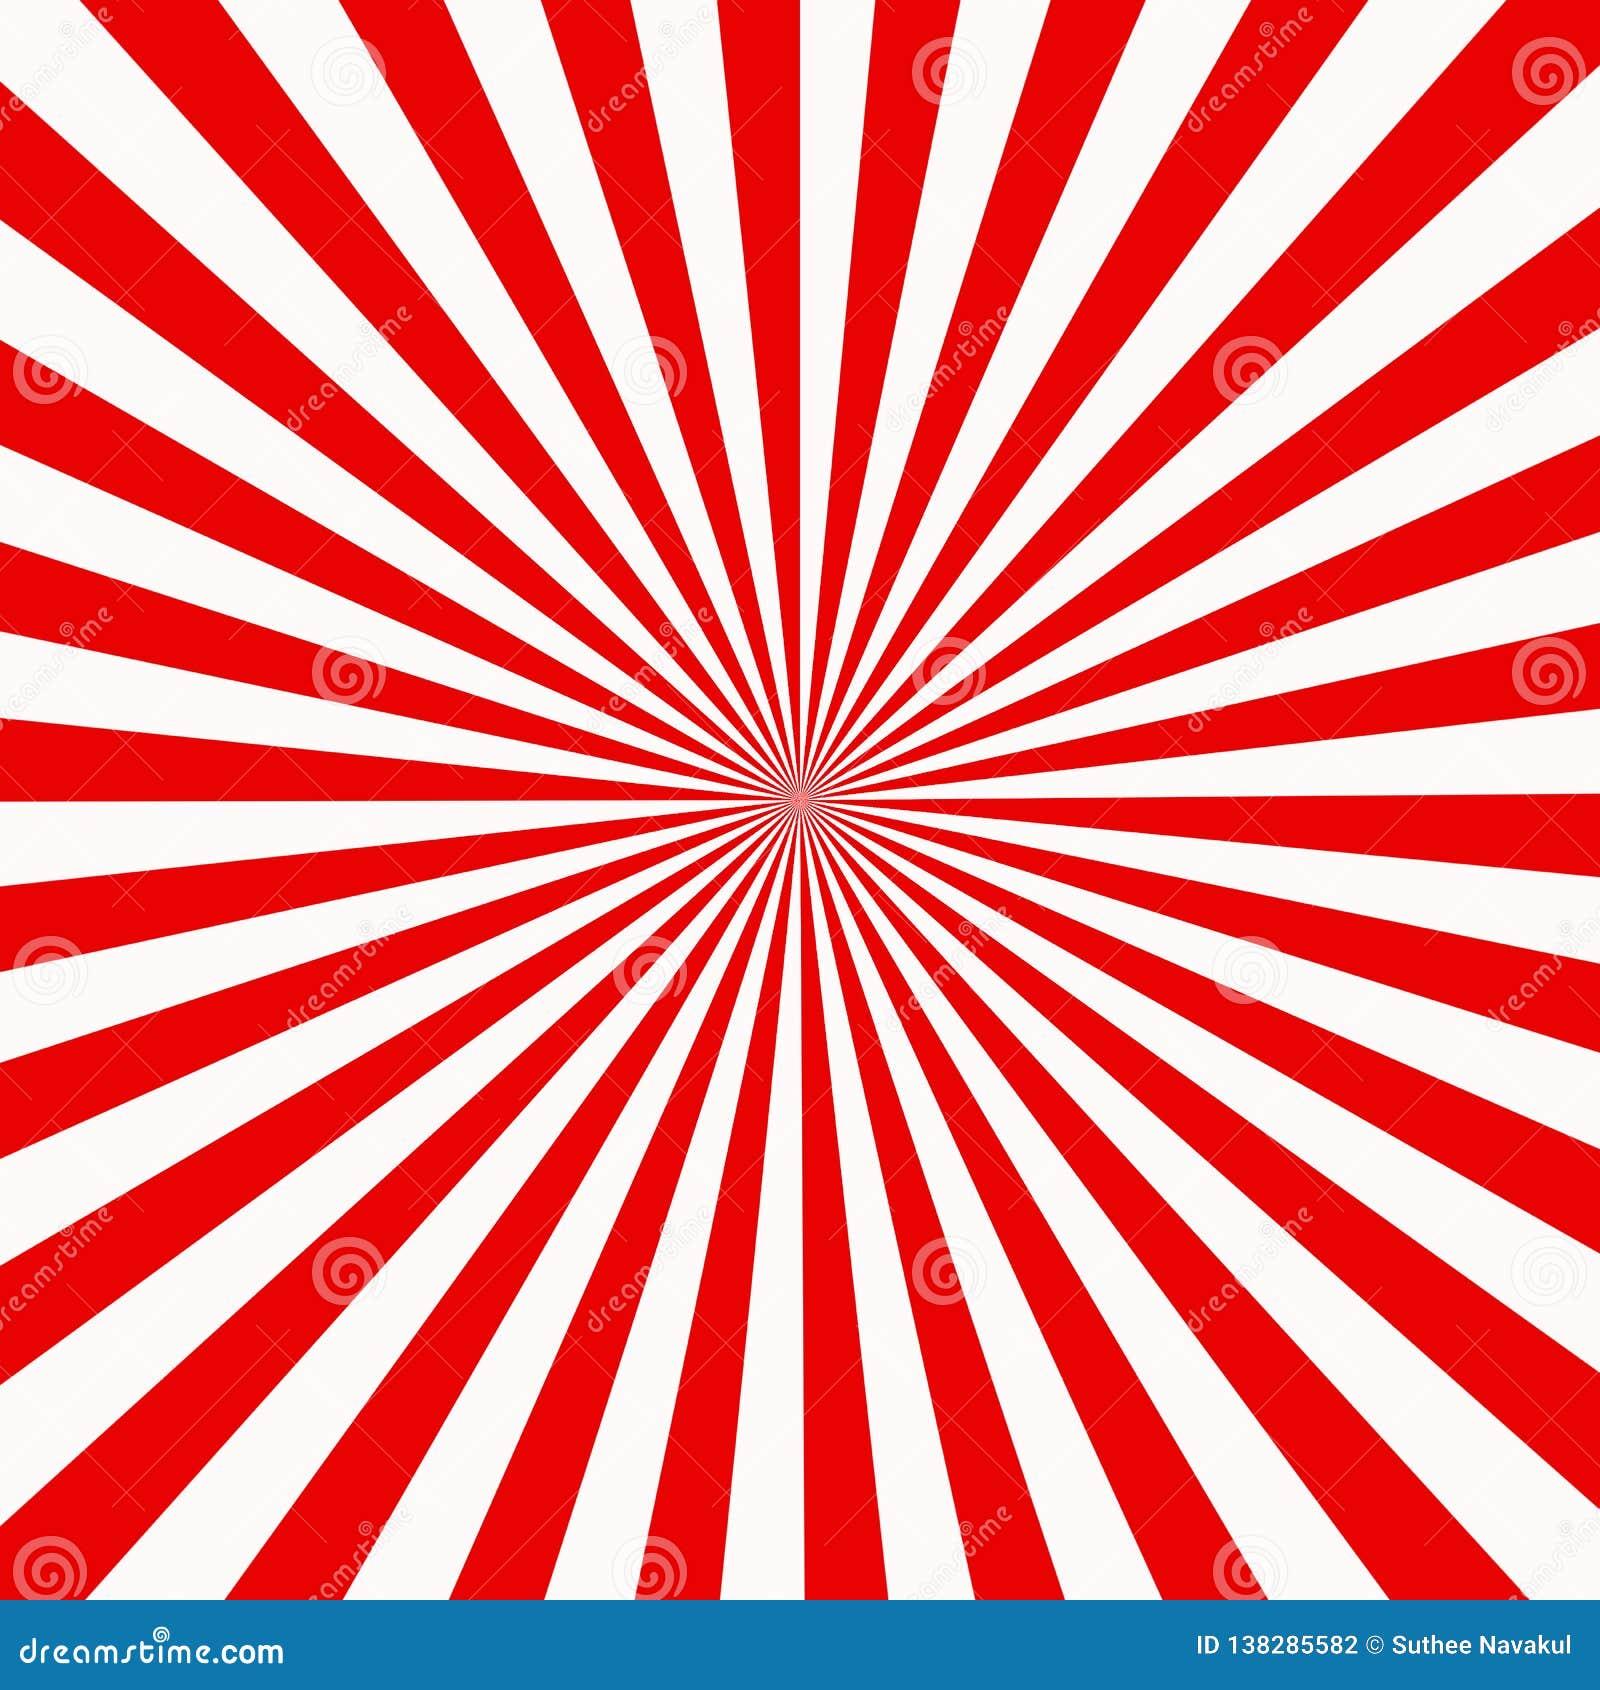 Röd och vit sunburst abstrakt textur skinande starburstbakgrund abstrakt sunburst effektbakgrund röd och vit stråle